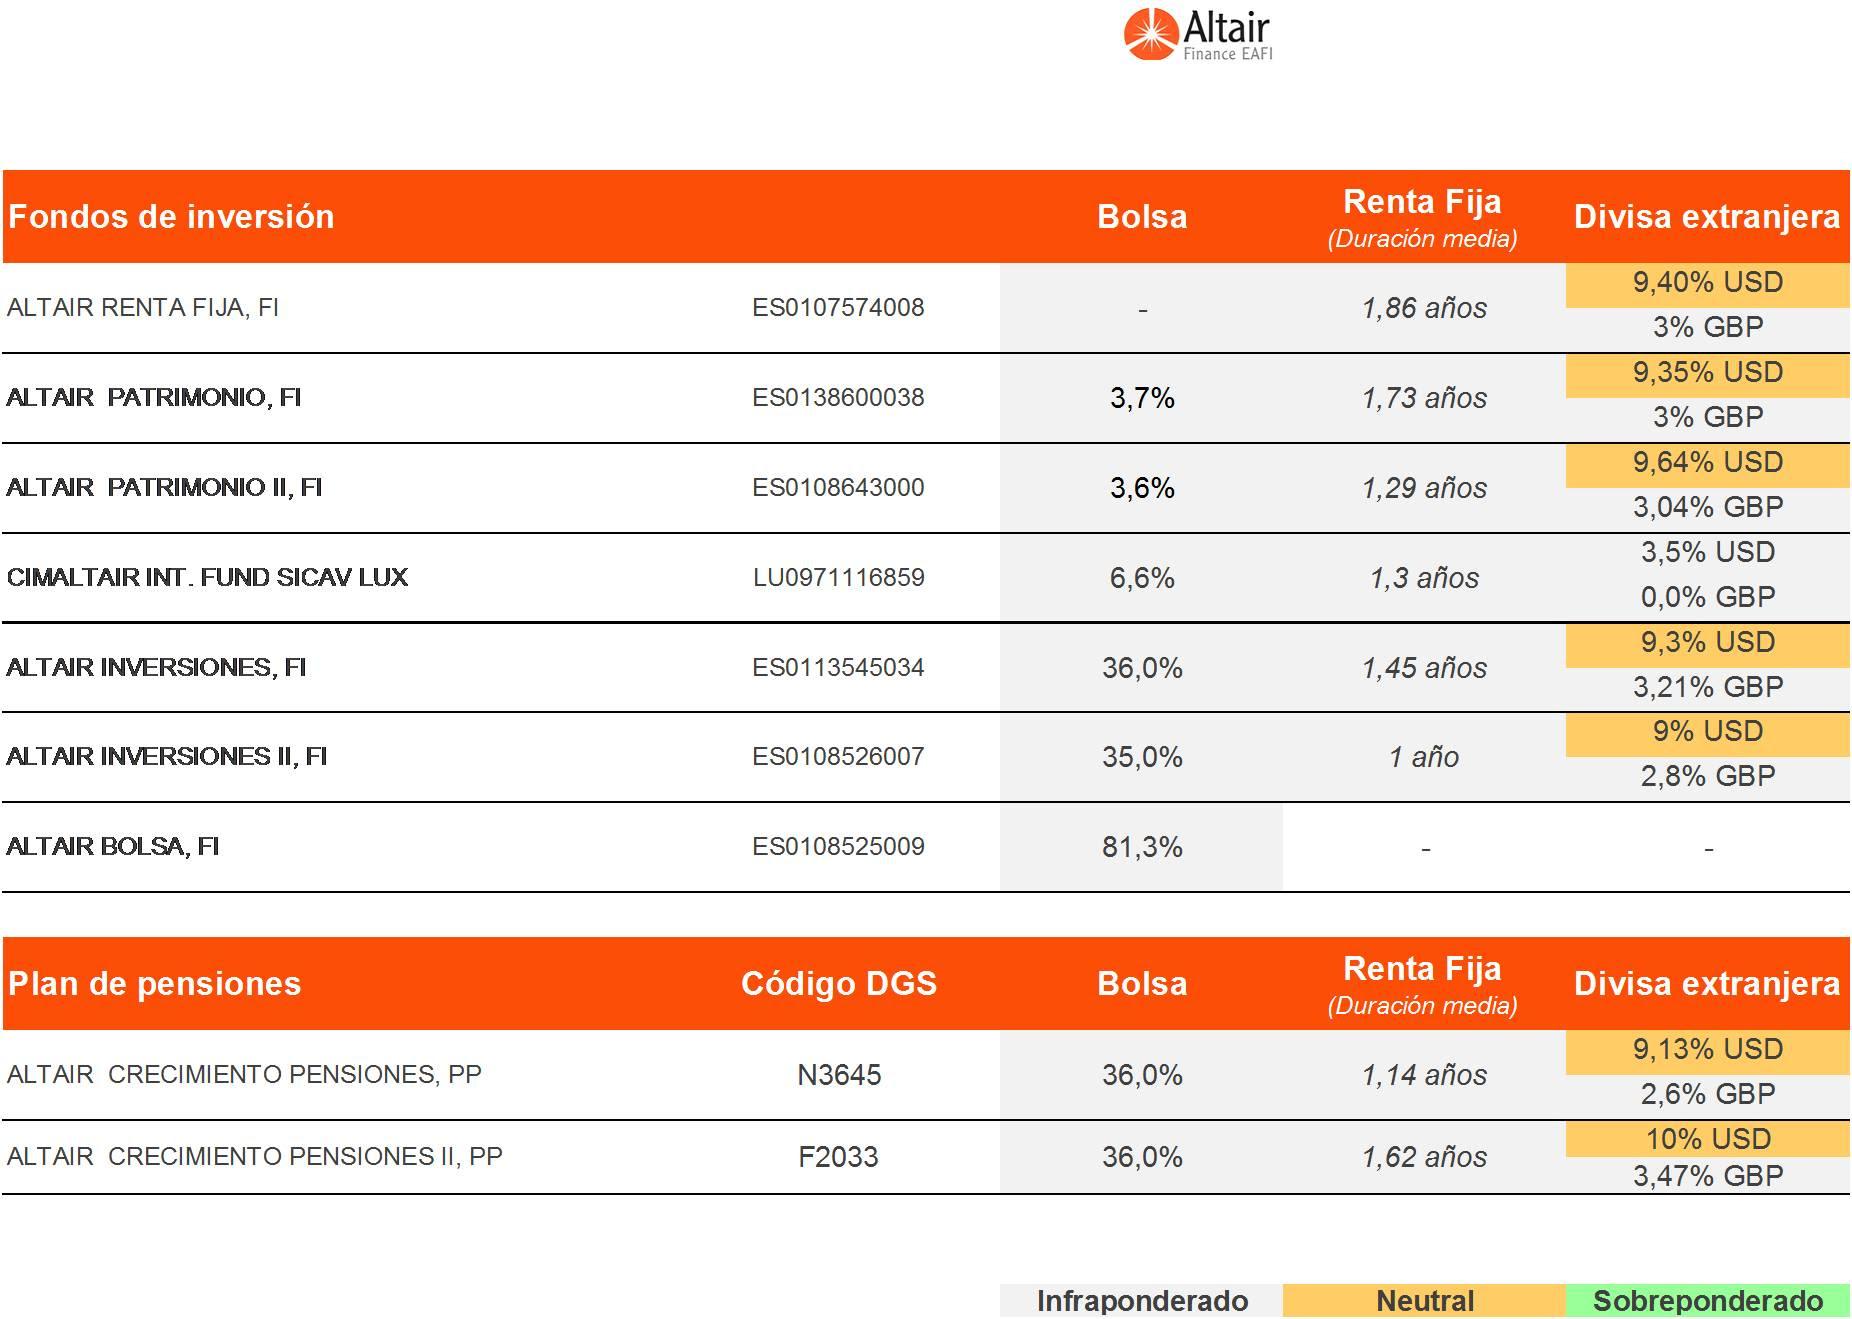 posicionamiento-de-los-fondos-asesorados-por-Altair-Finance-a-29-de-septiembre-de-2016